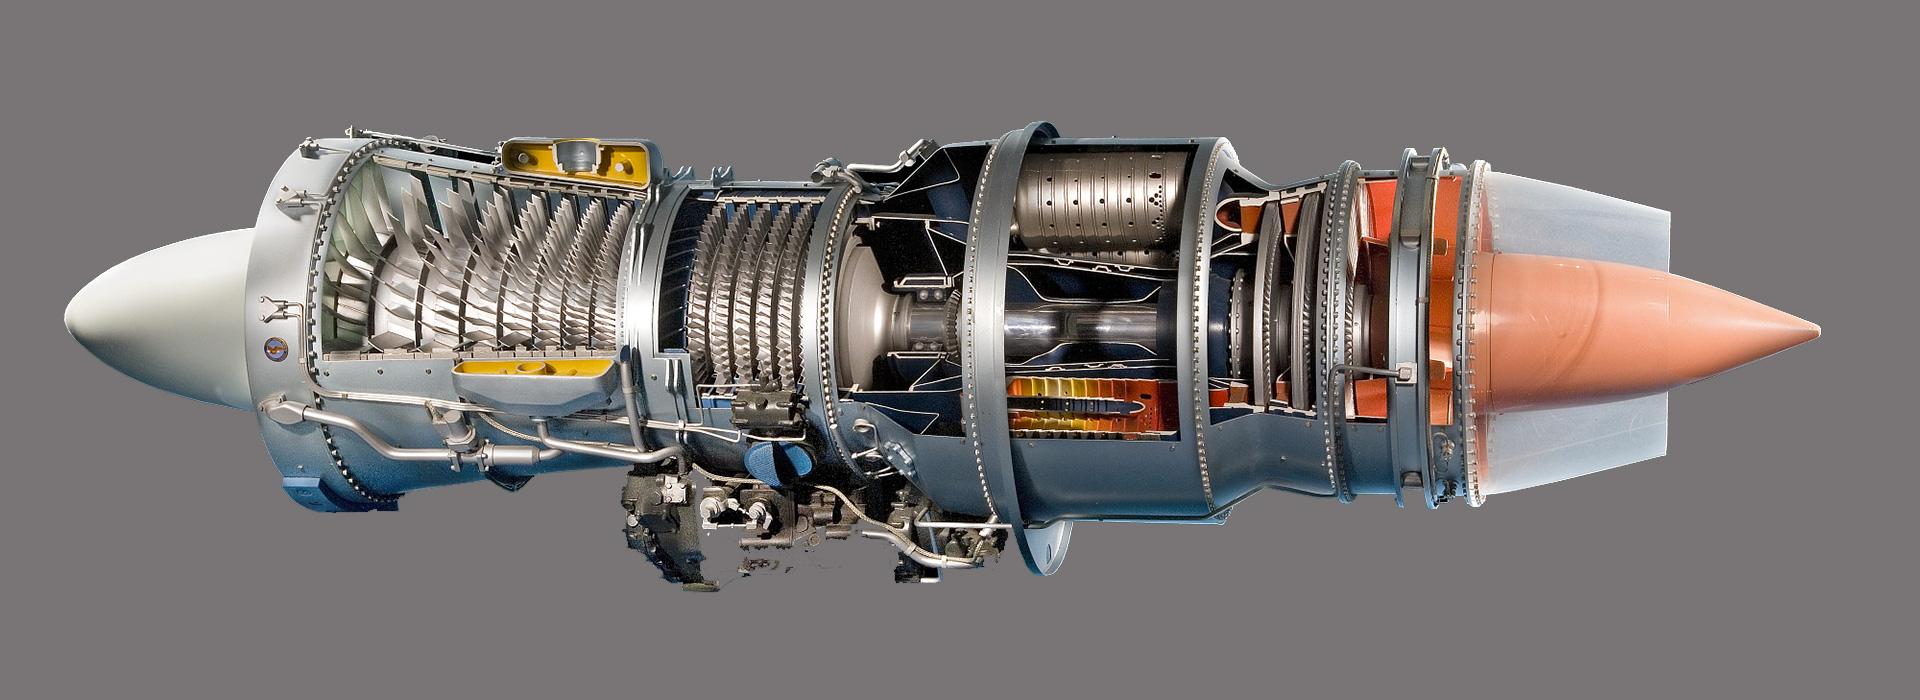 ingegneria-aeronautica1